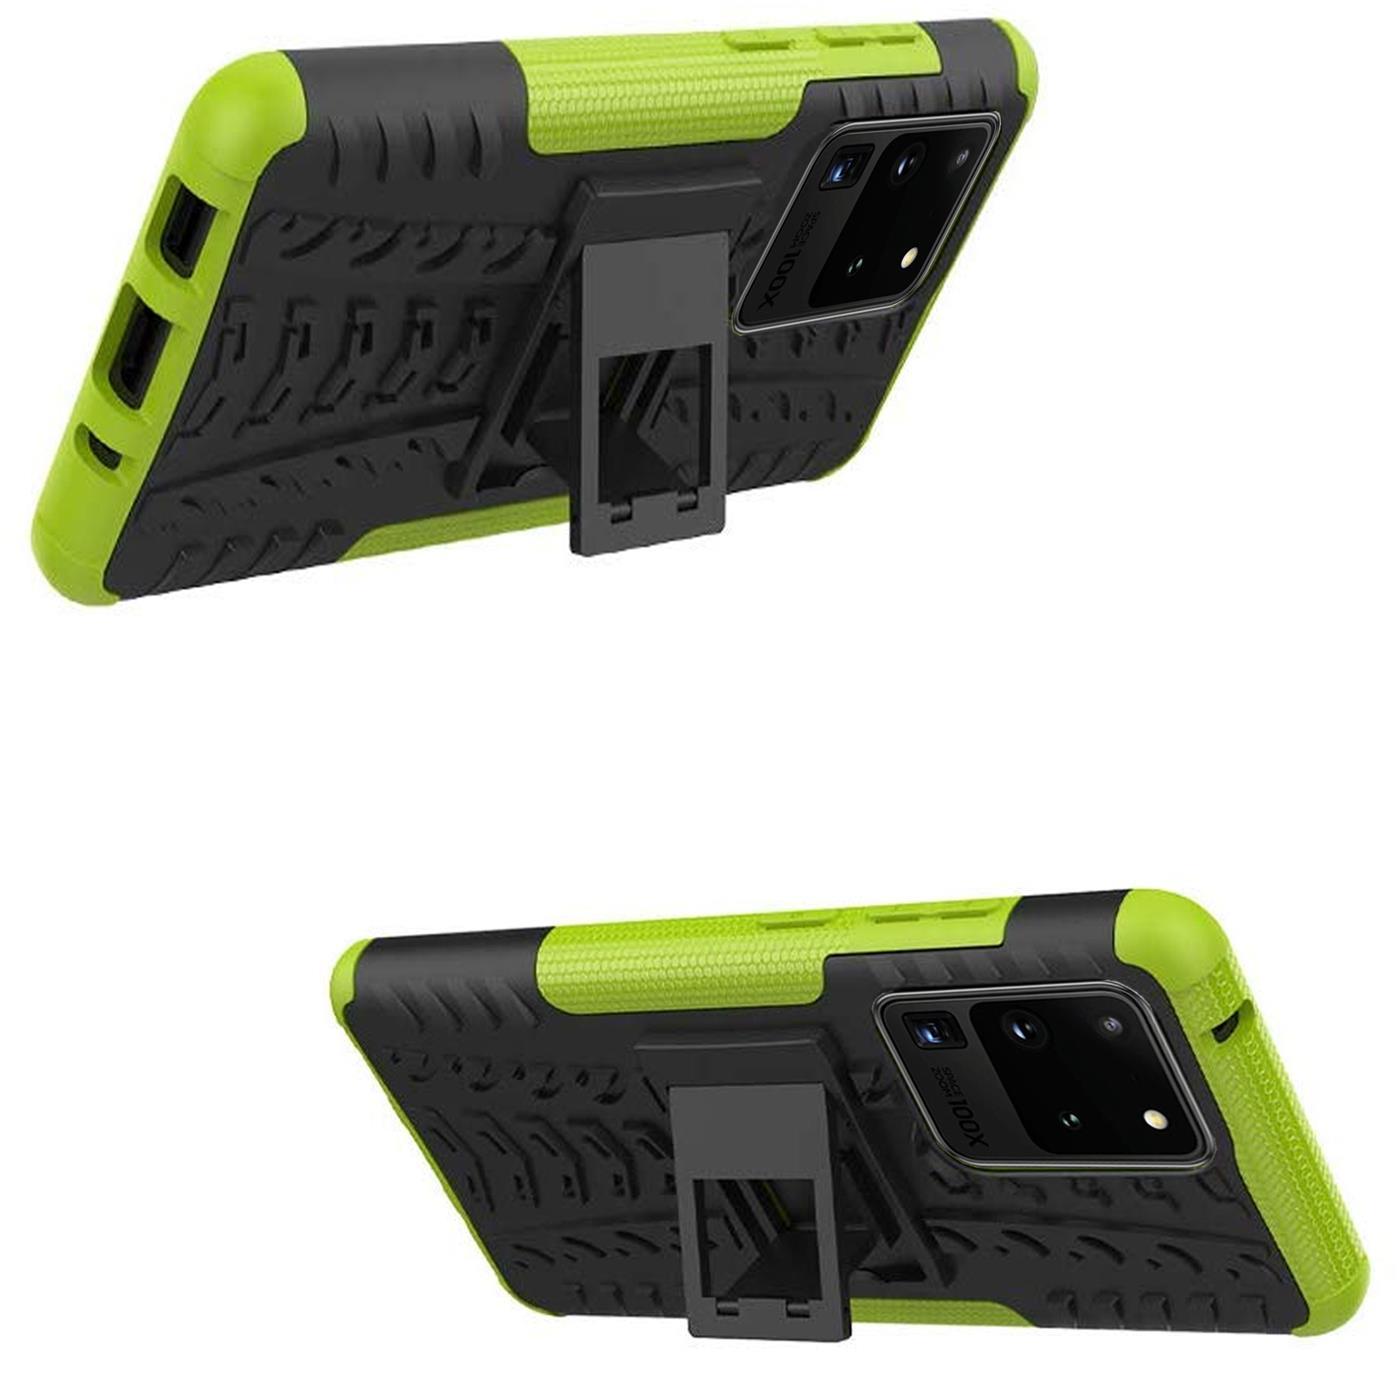 Samsung-Galaxy-S20-Serie-Schutzhuelle-Rugged-Handy-Tasche-Robust-Outdoor-Cover Indexbild 18